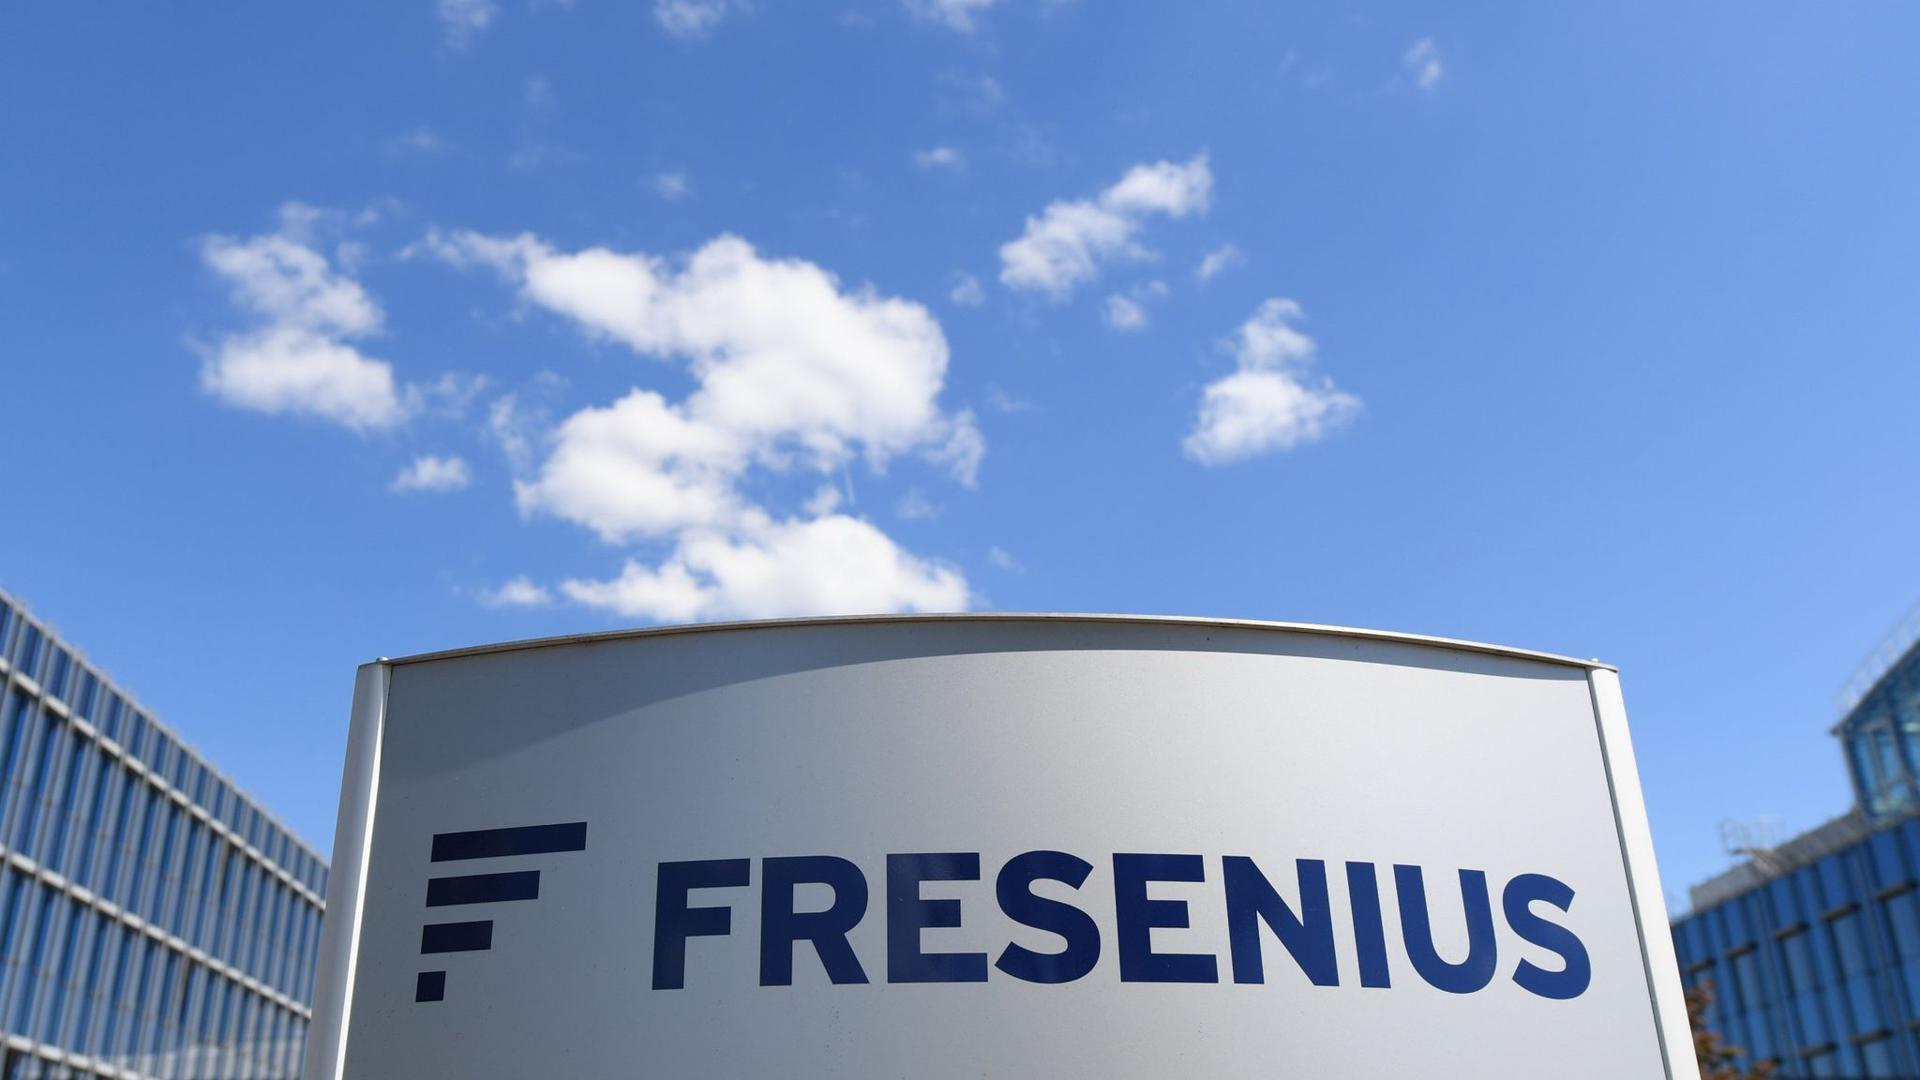 Fresenius und Fresenius Medical Care haben ihre Jahreszahlen für 2020 verkündet.